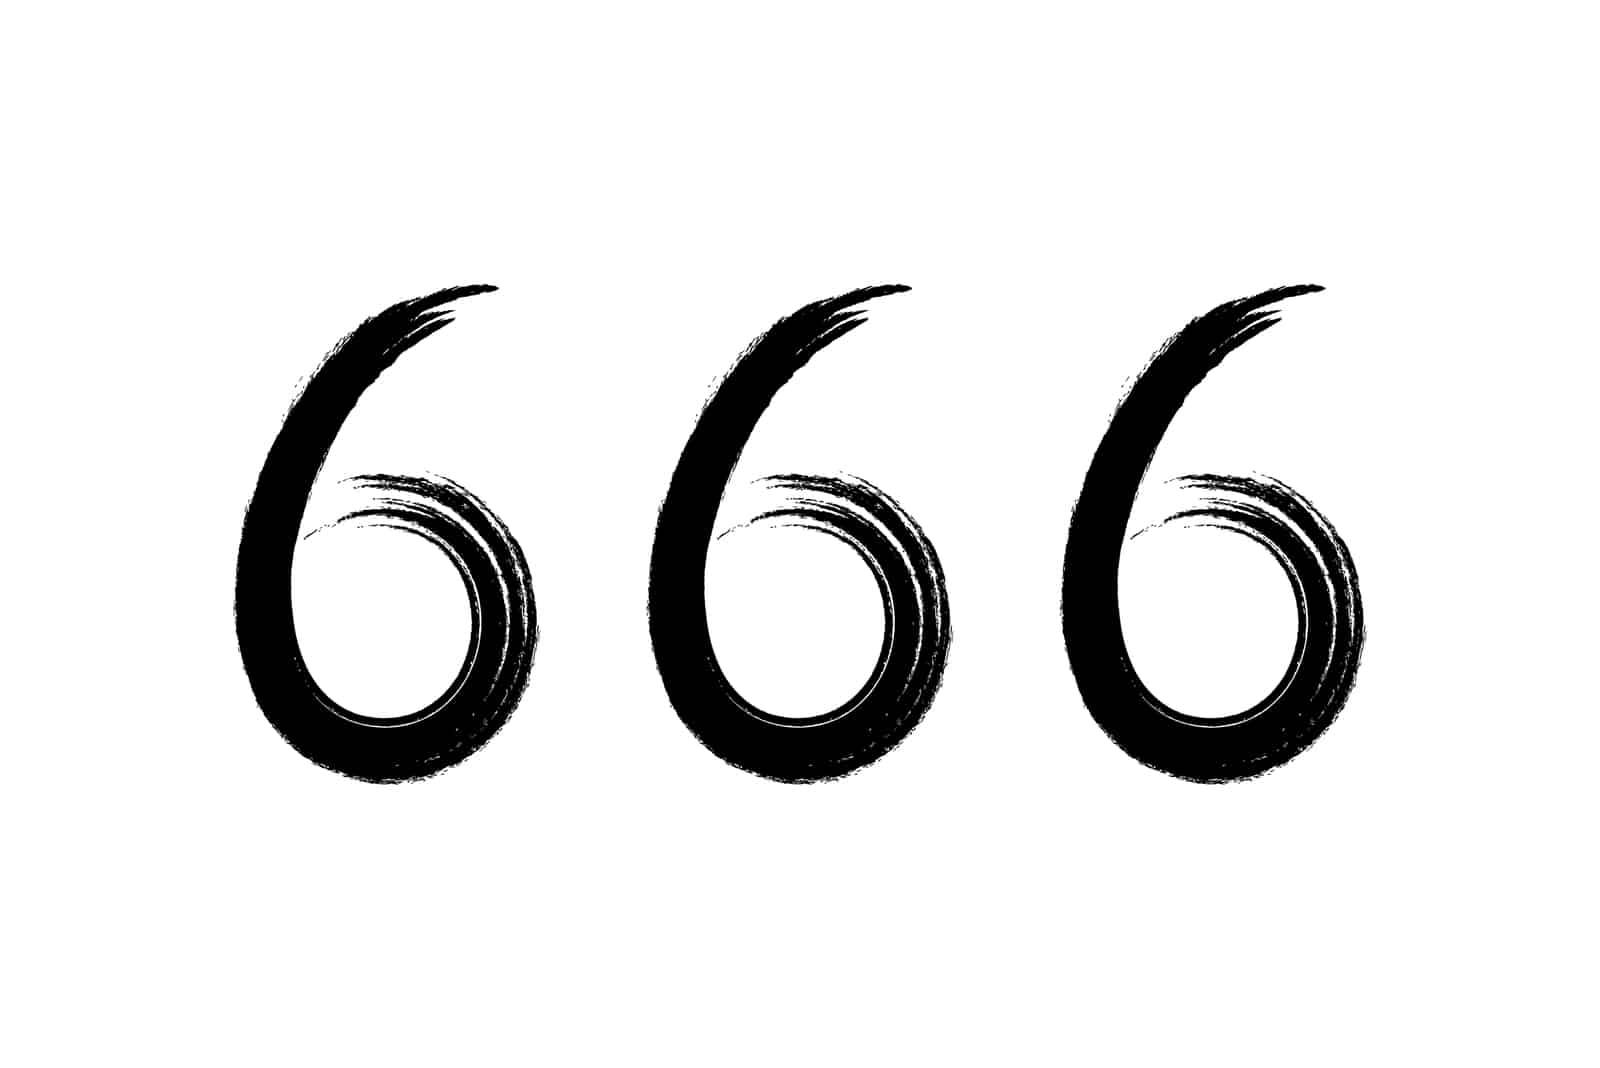 Nummer 666 auf weißem Hintergrund